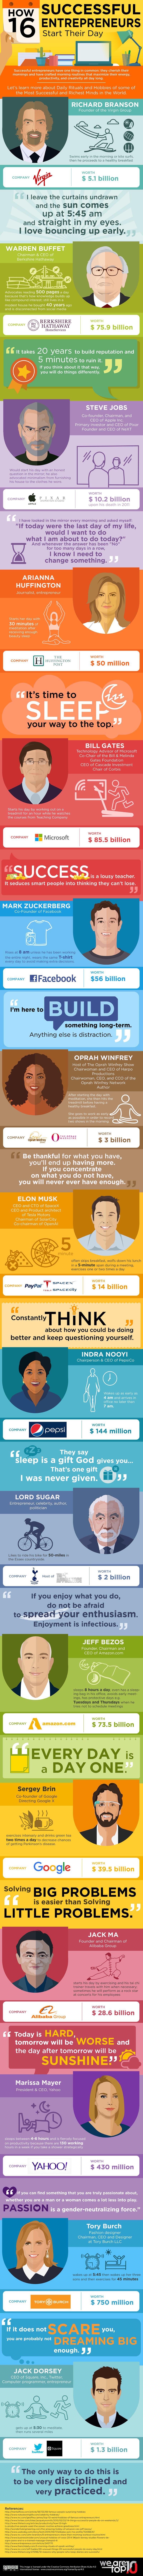 HANDOUT Habits infographic